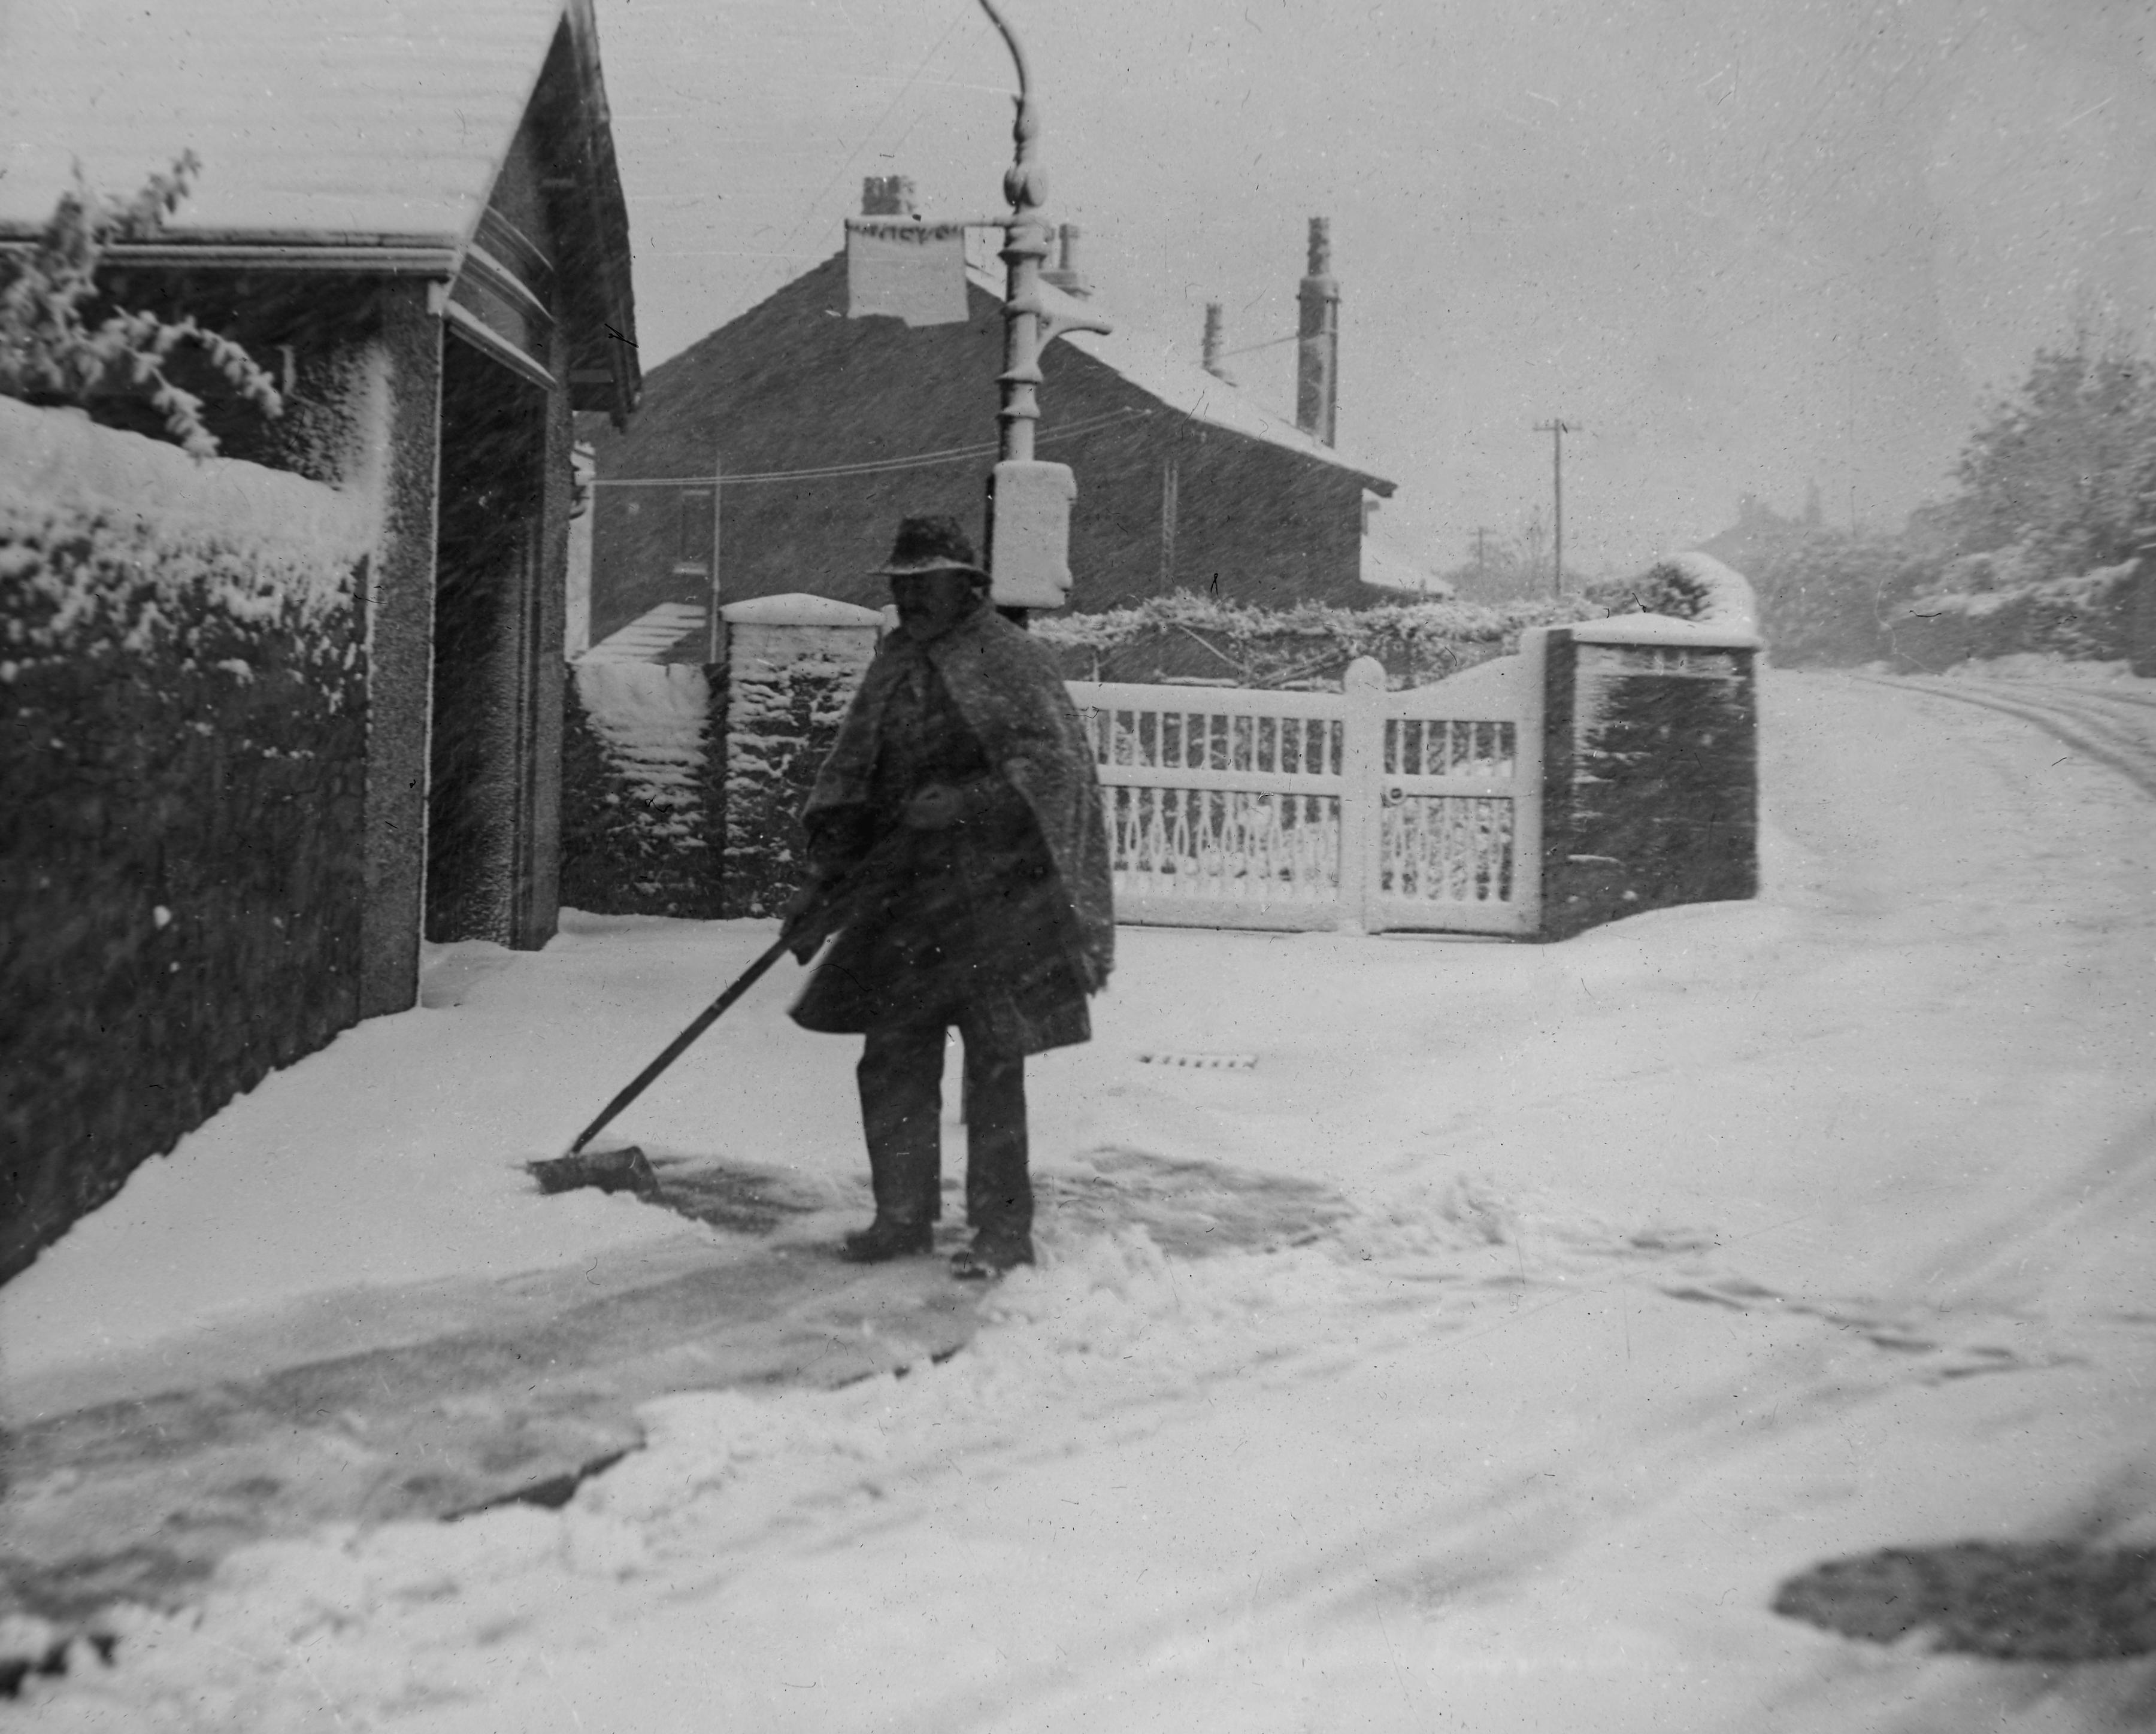 Snowstorm at Riddlesden, May 17th 1935.